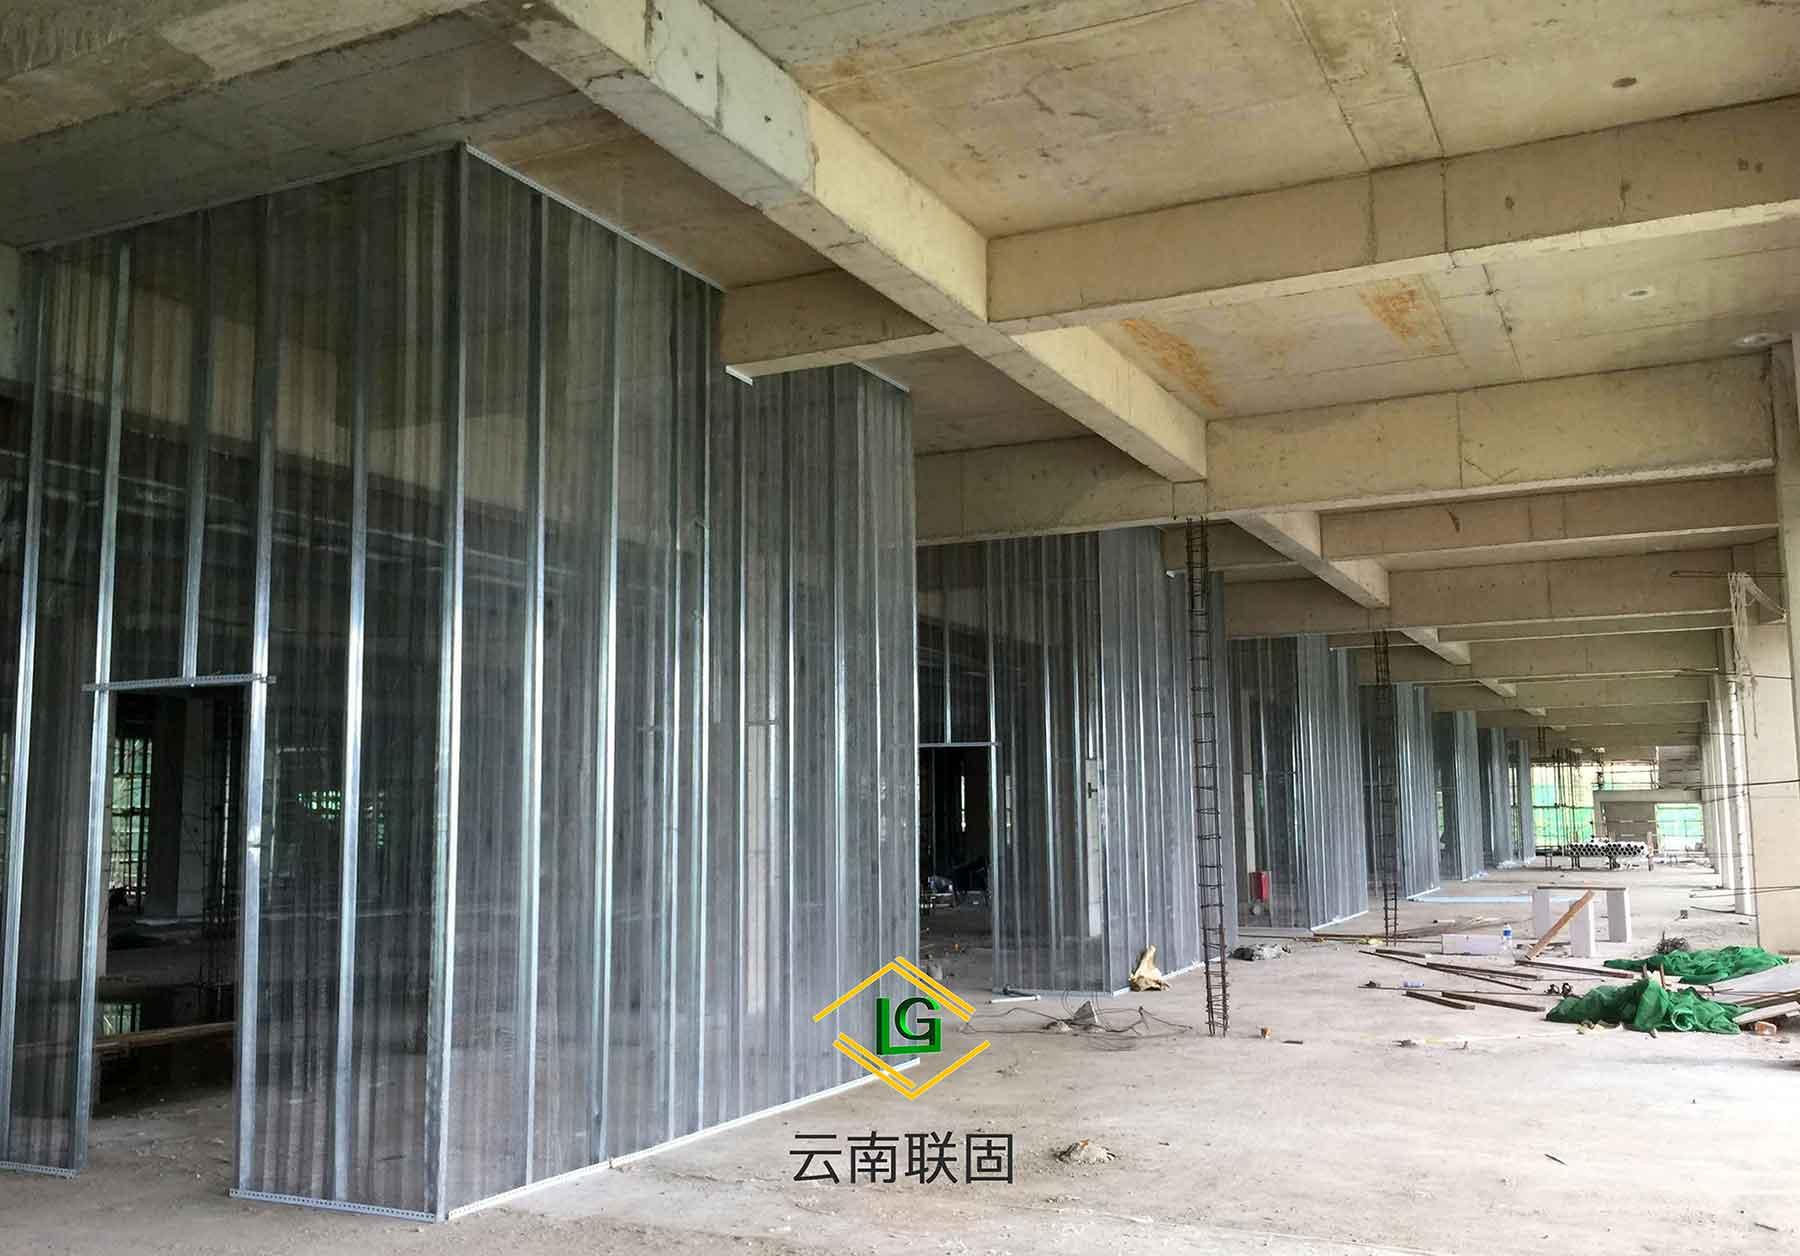 重庆装配式金属网轻质隔墙质量放心可靠,金属网轻质隔墙